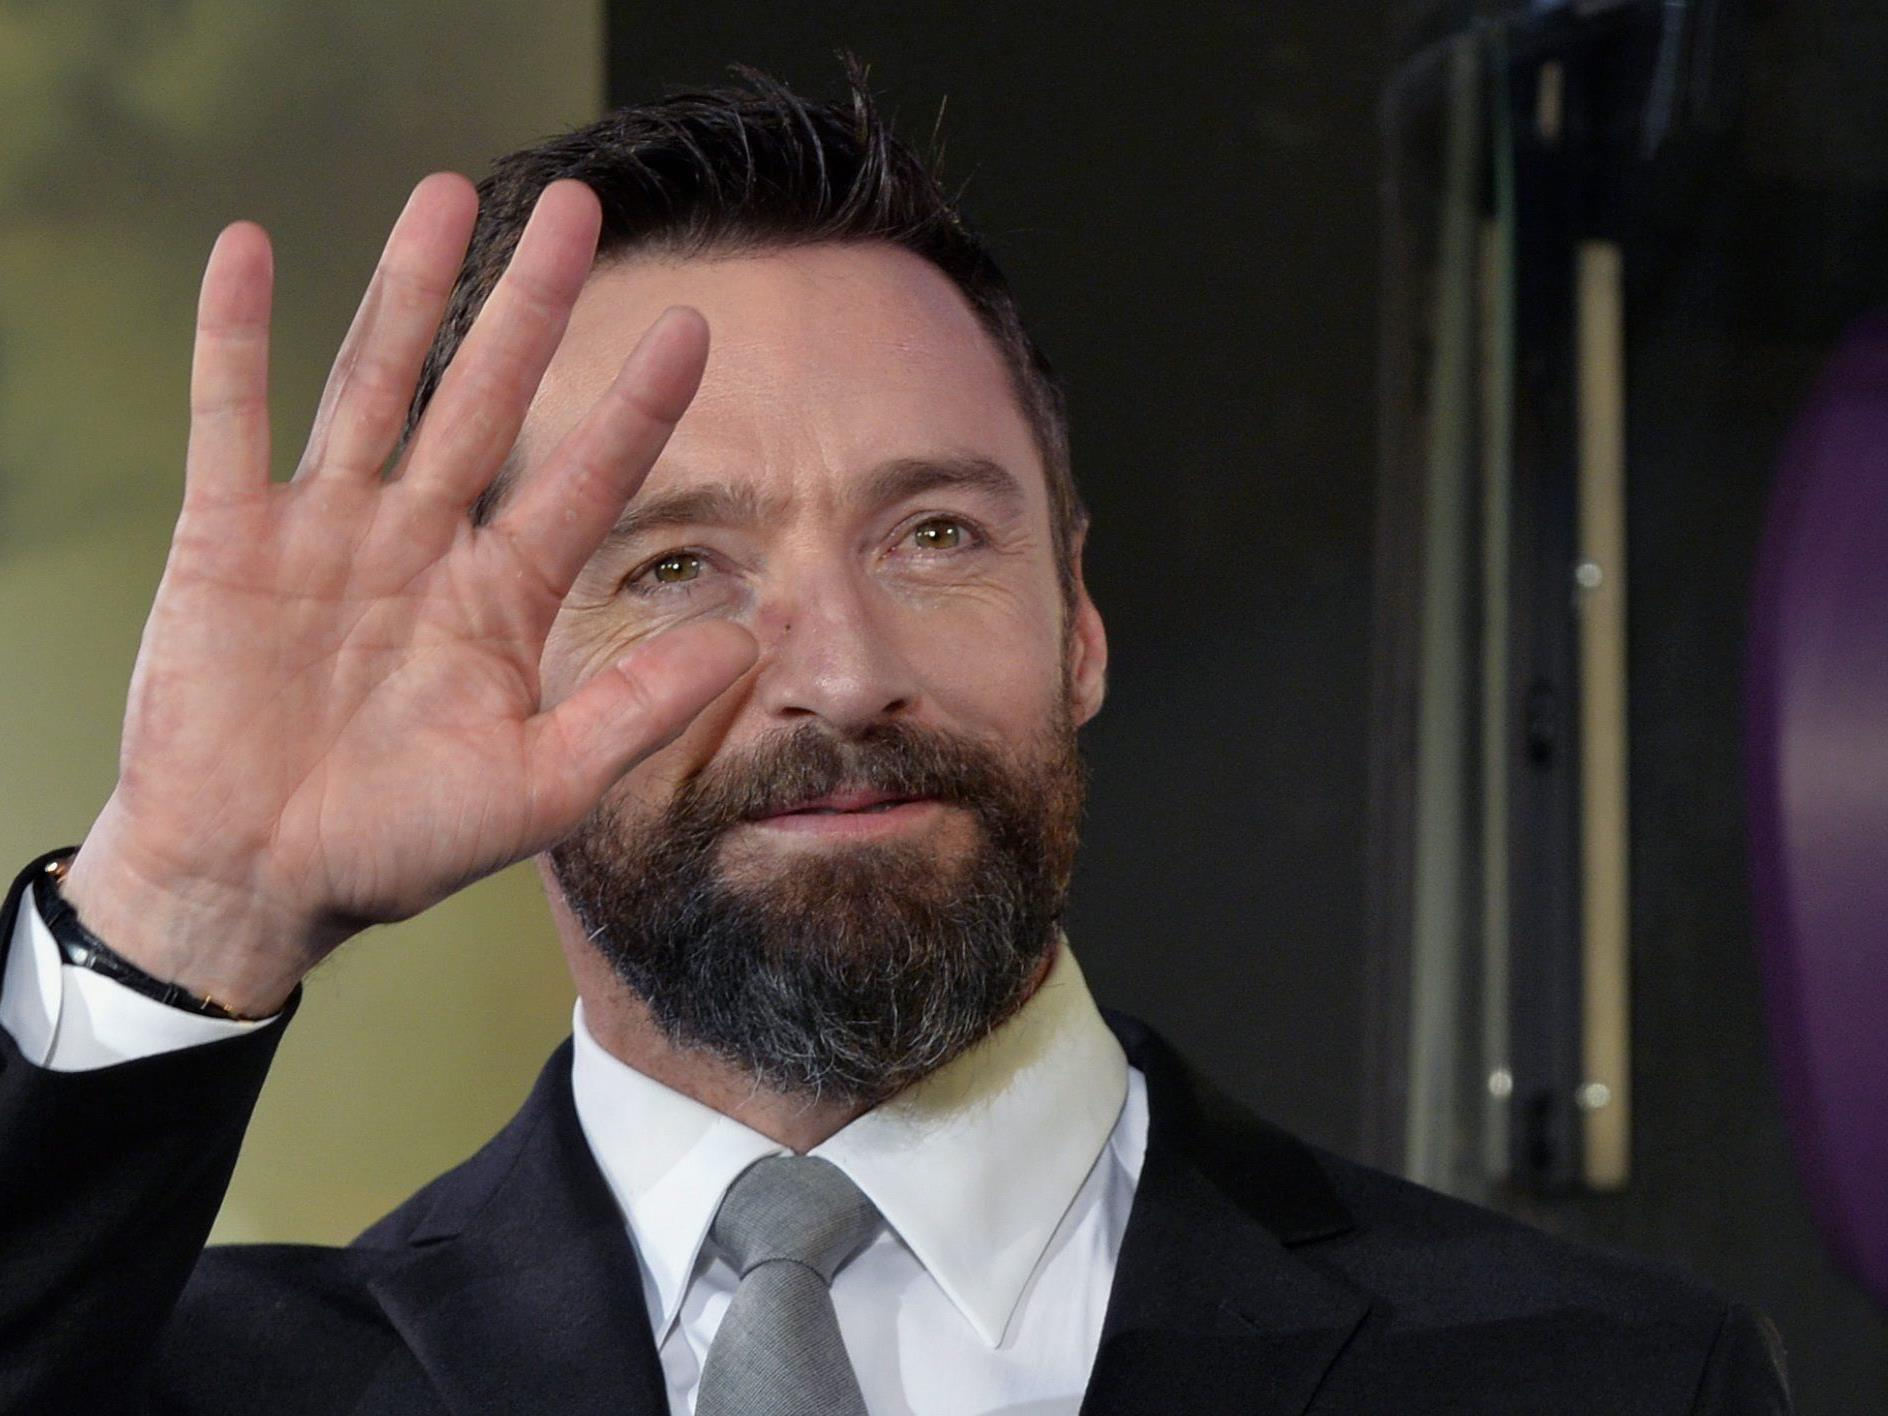 Hugh Jackman zeigt sich mit kahlrasiertem Schädel für neuen Film